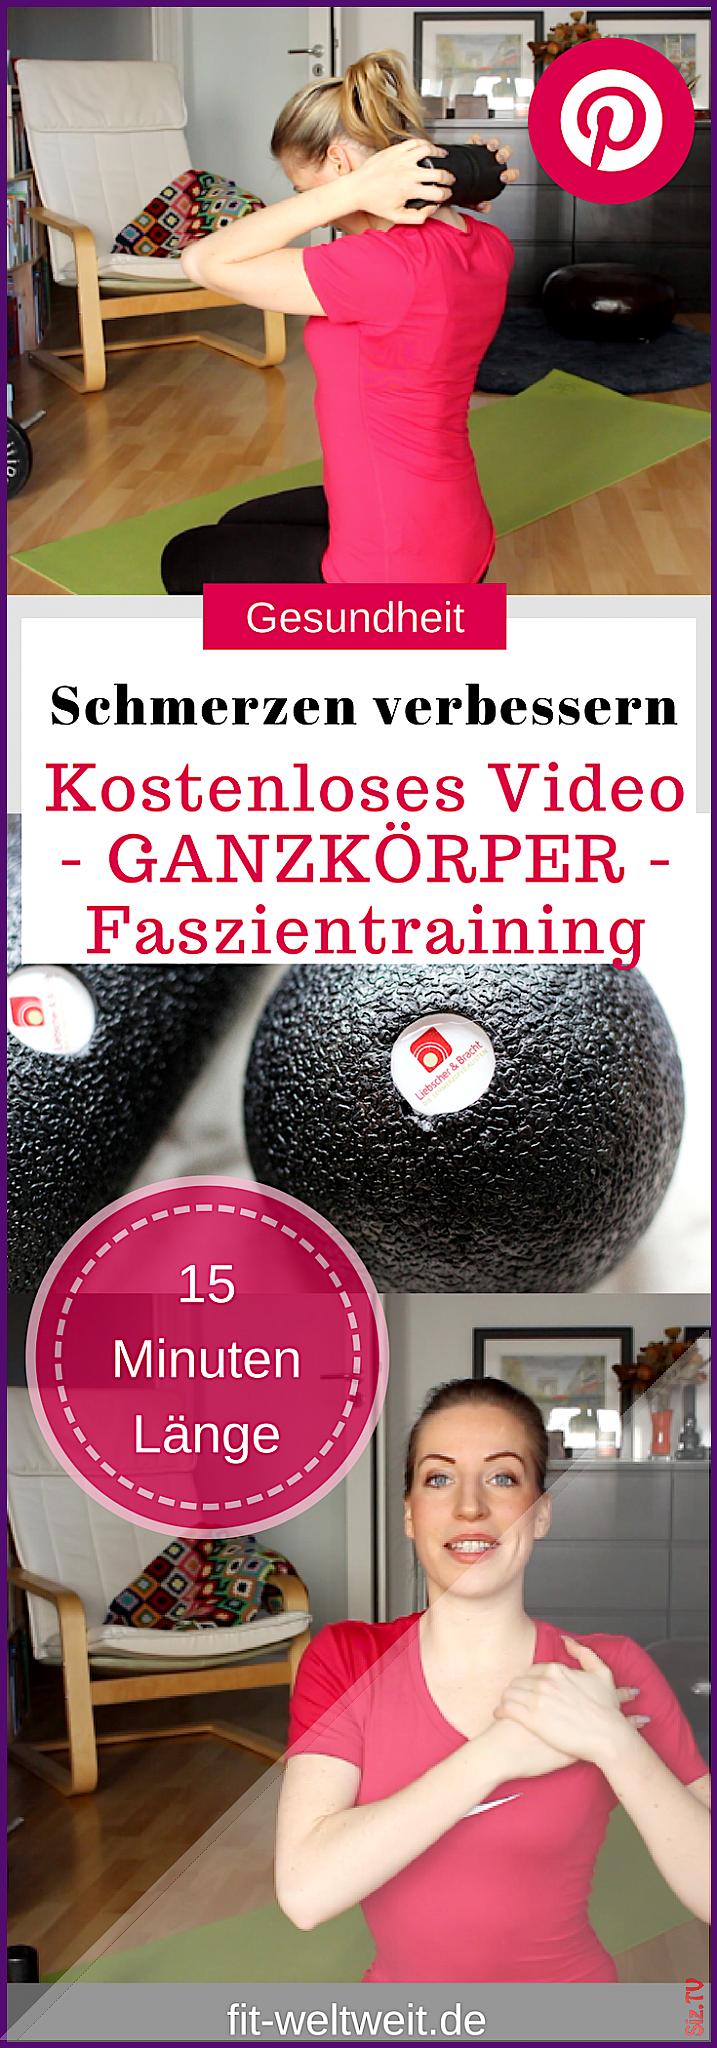 Ganzk rper Faszientraining Schmerzen verbessern  R cken Nacken und Schulter Liebscher 038 Bracht Gan...